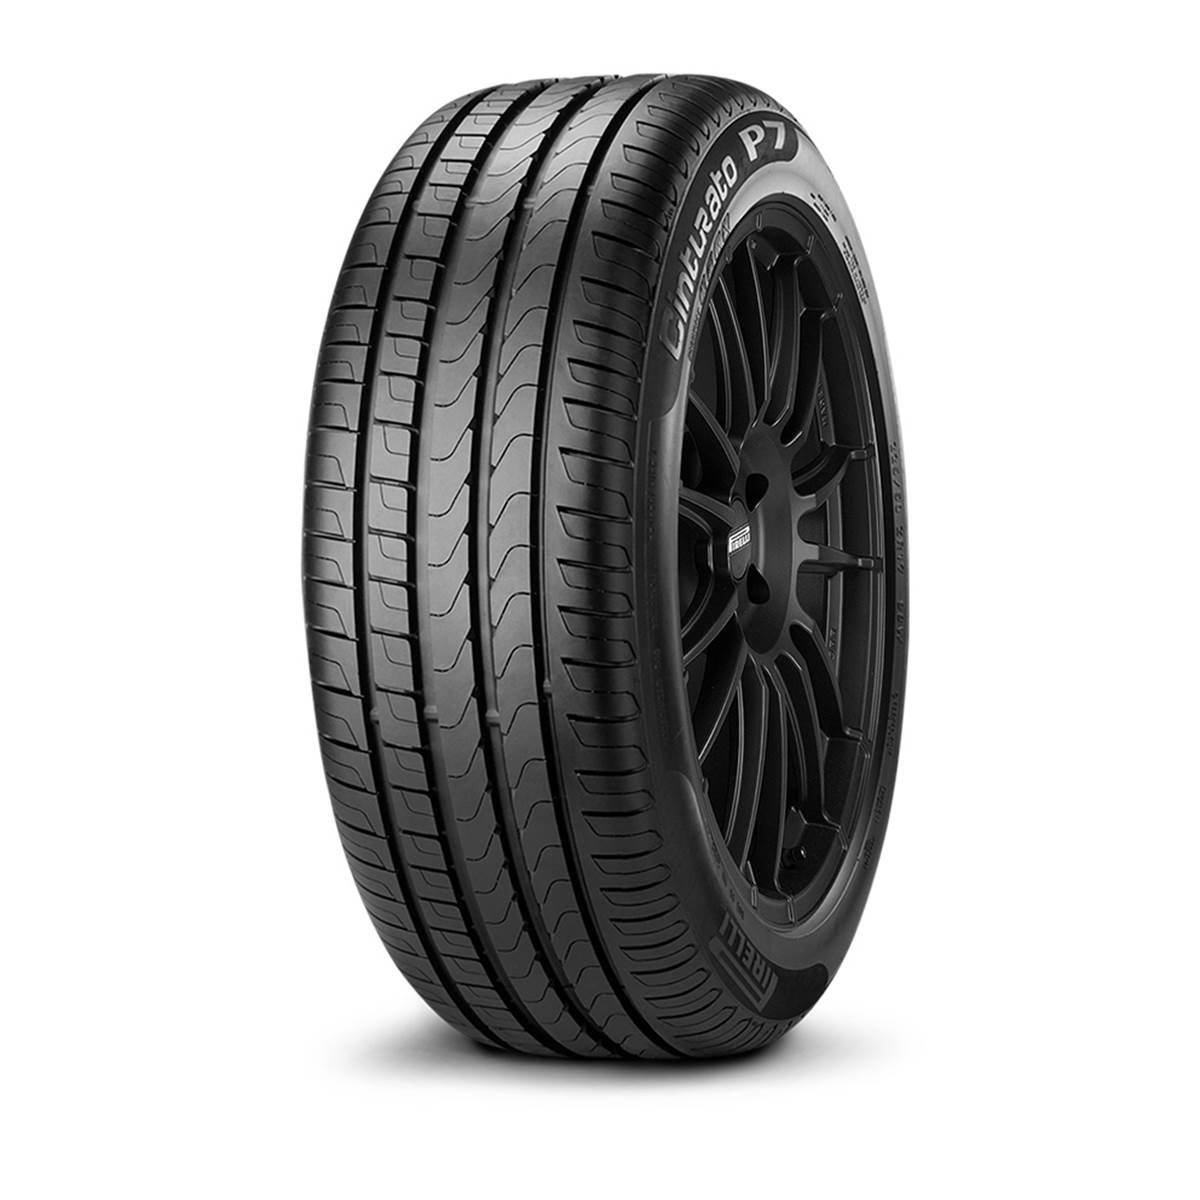 Pneu Runflat Pirelli 205/45R17 88W Cinturato P7 XL